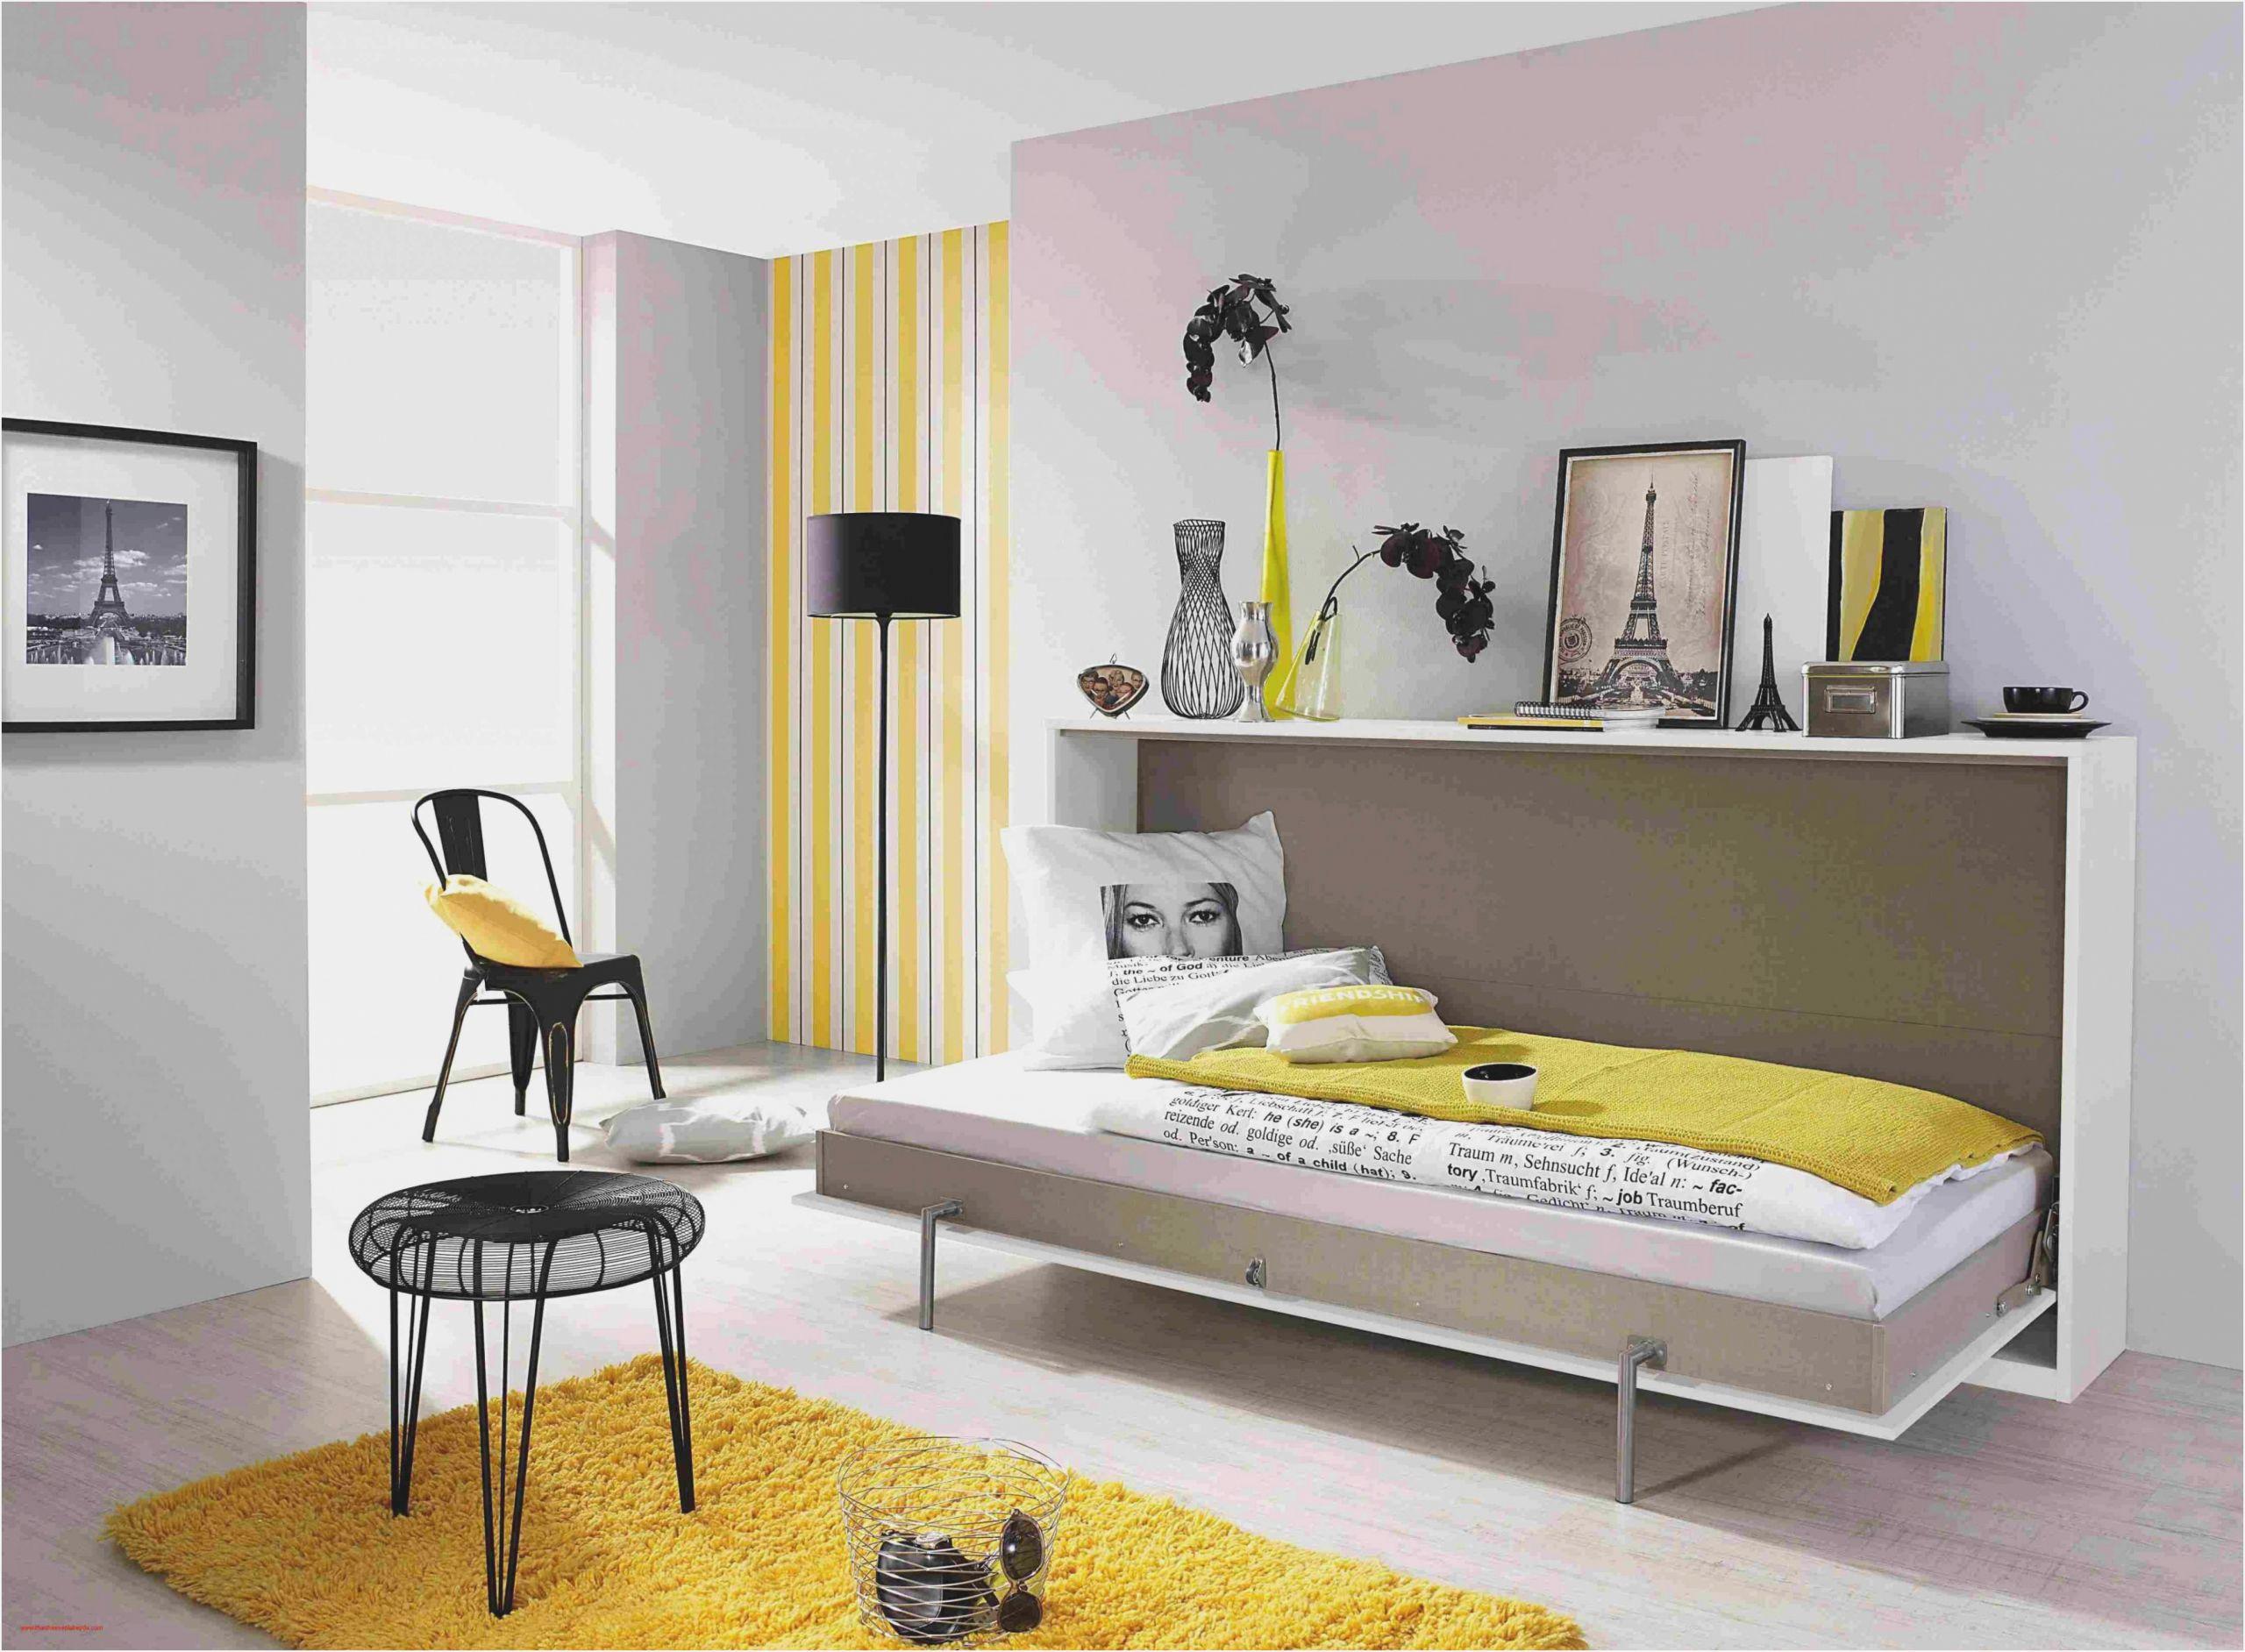 Full Size of Teppich Fr Kinderzimmer Meterware Traumhaus Sofa Regale Regal Weiß Kinderzimmer Teppichboden Kinderzimmer